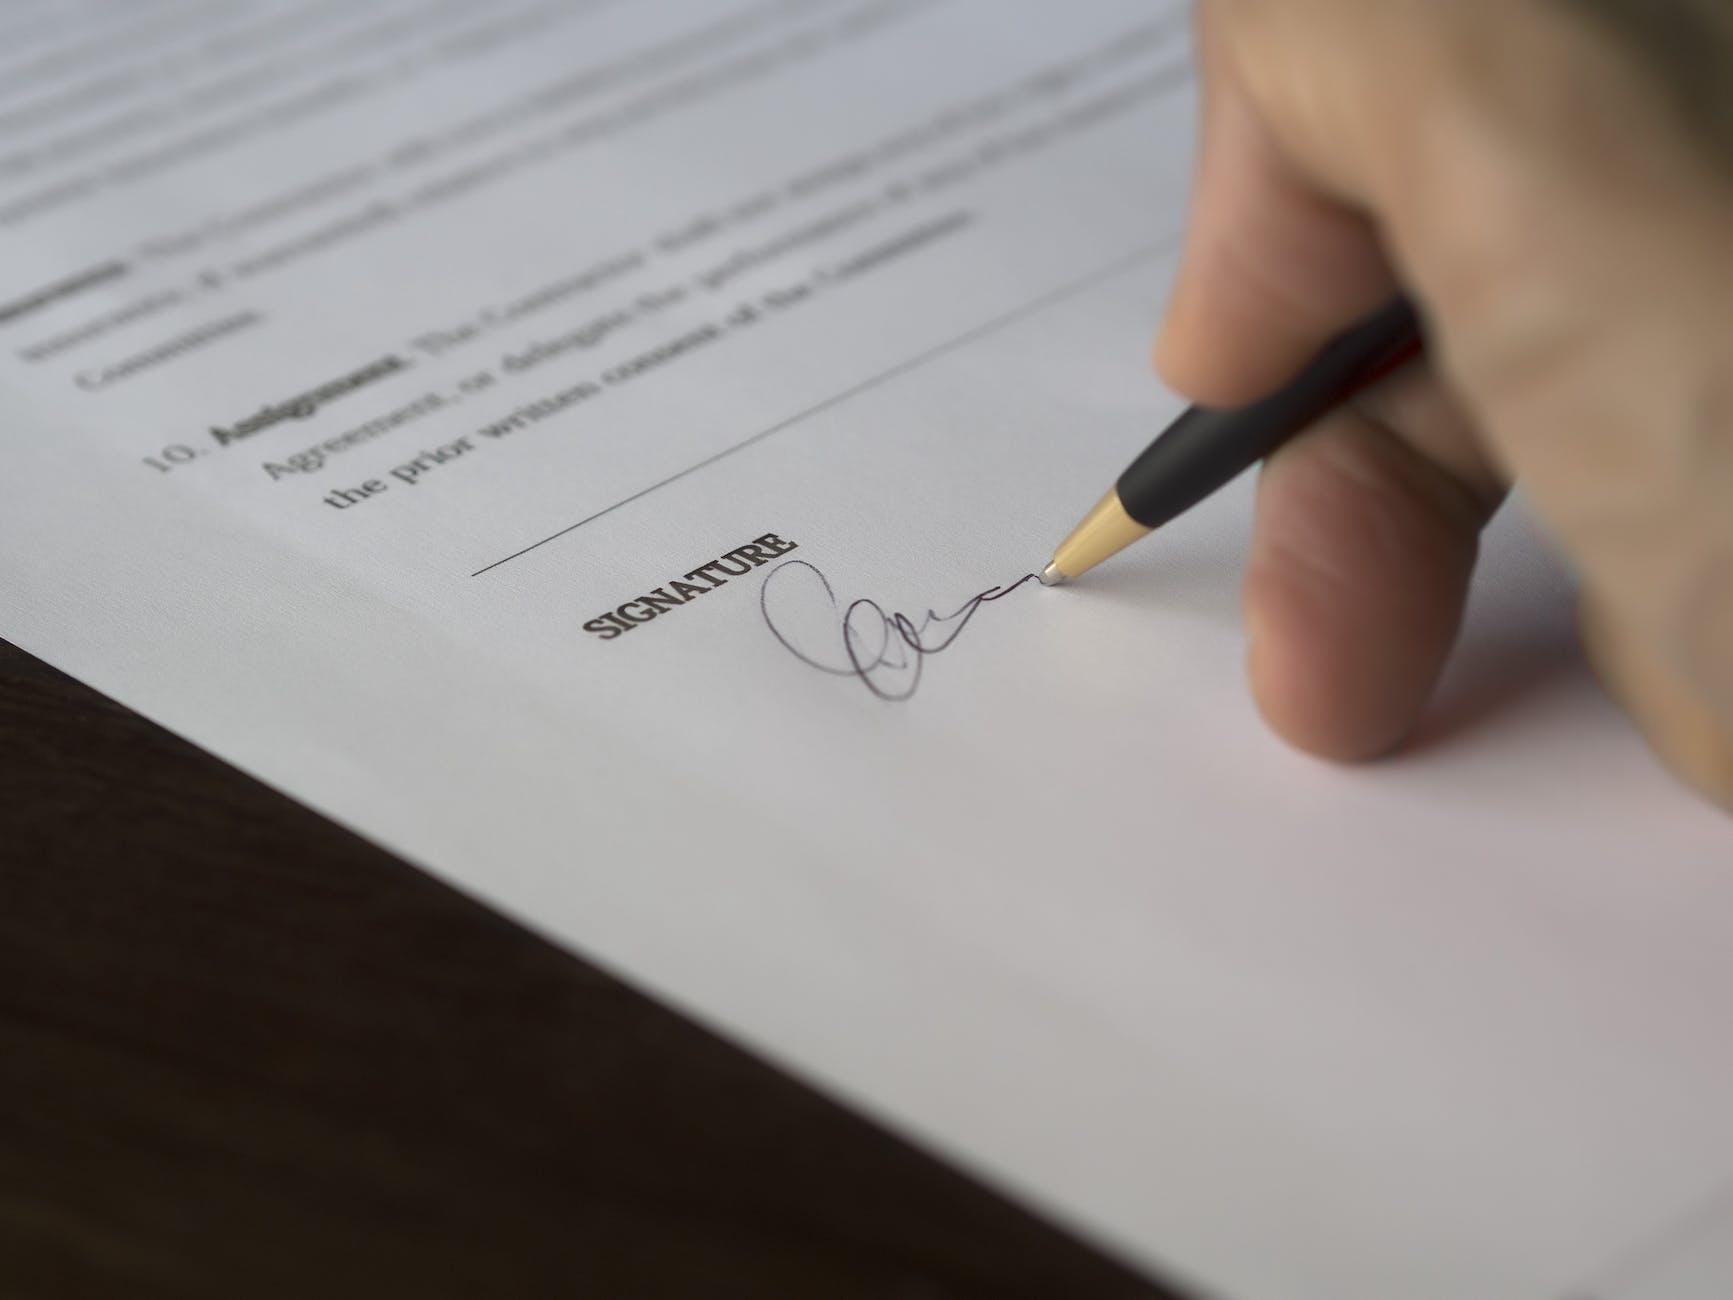 Pelajari perjanjian pinjaman agar tidak tertipu.